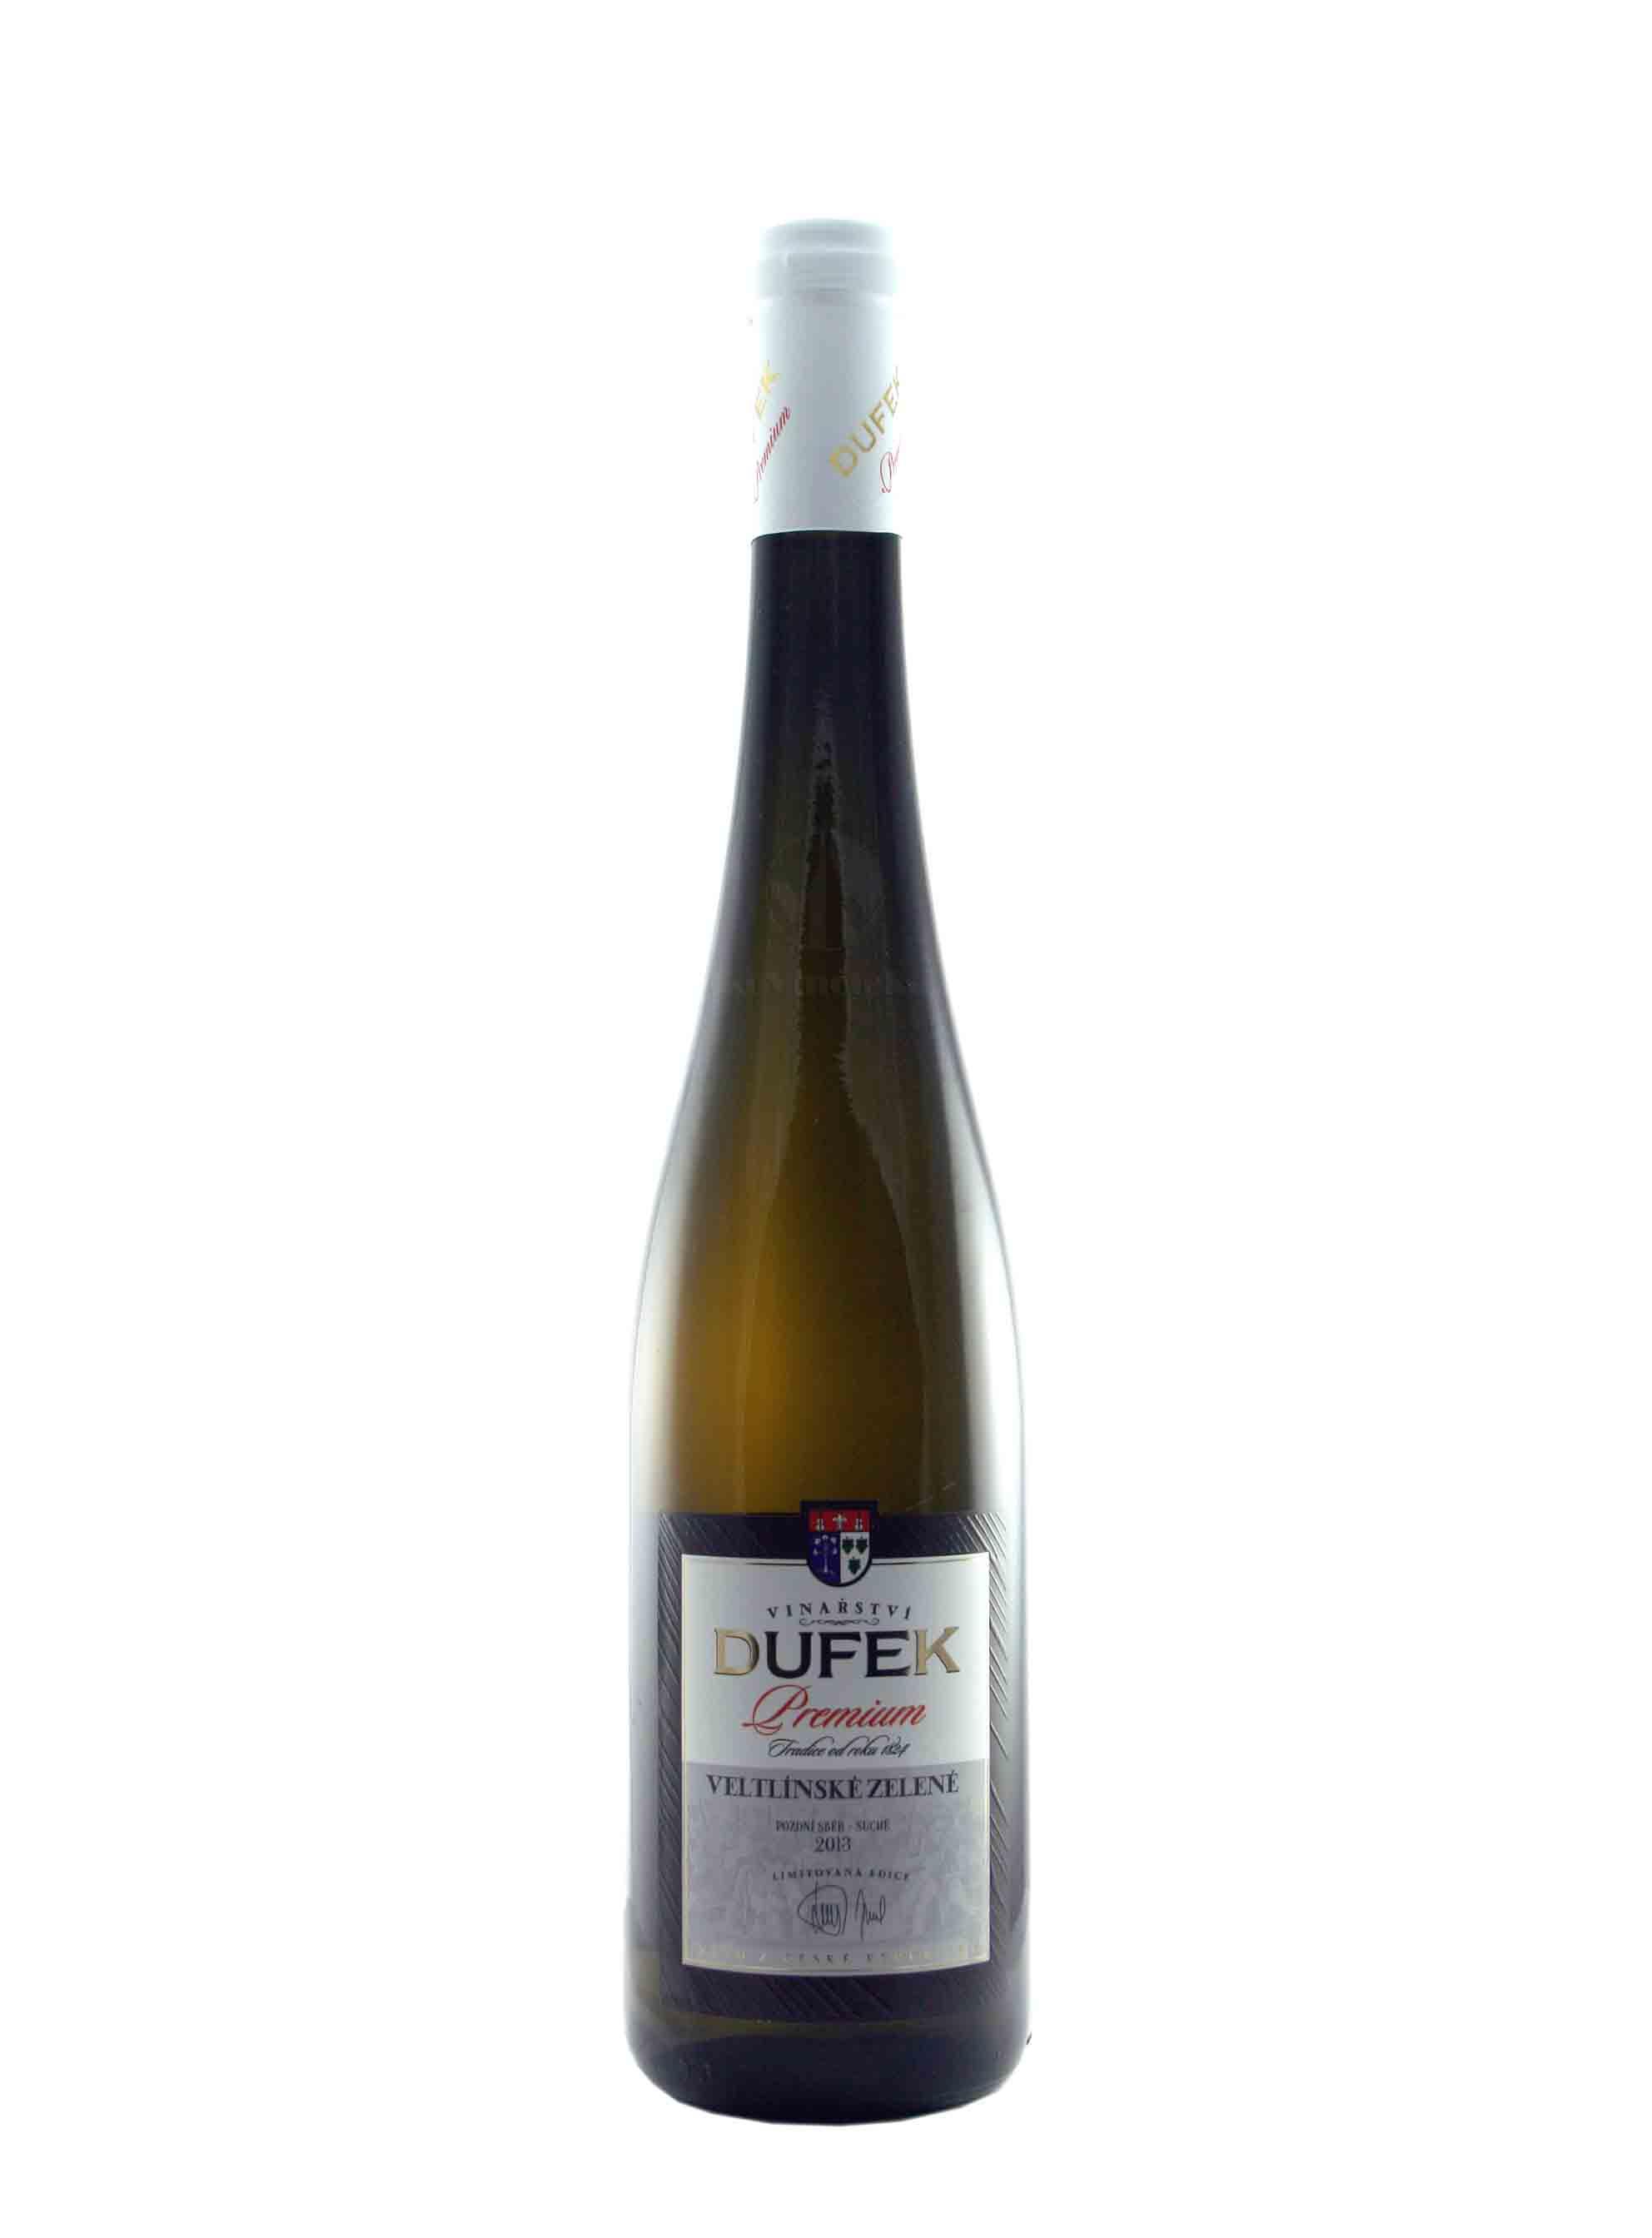 Veltlínské zelené, Premium, Pozdní sběr, 2013, Vinařství Dufek, 0.75 l